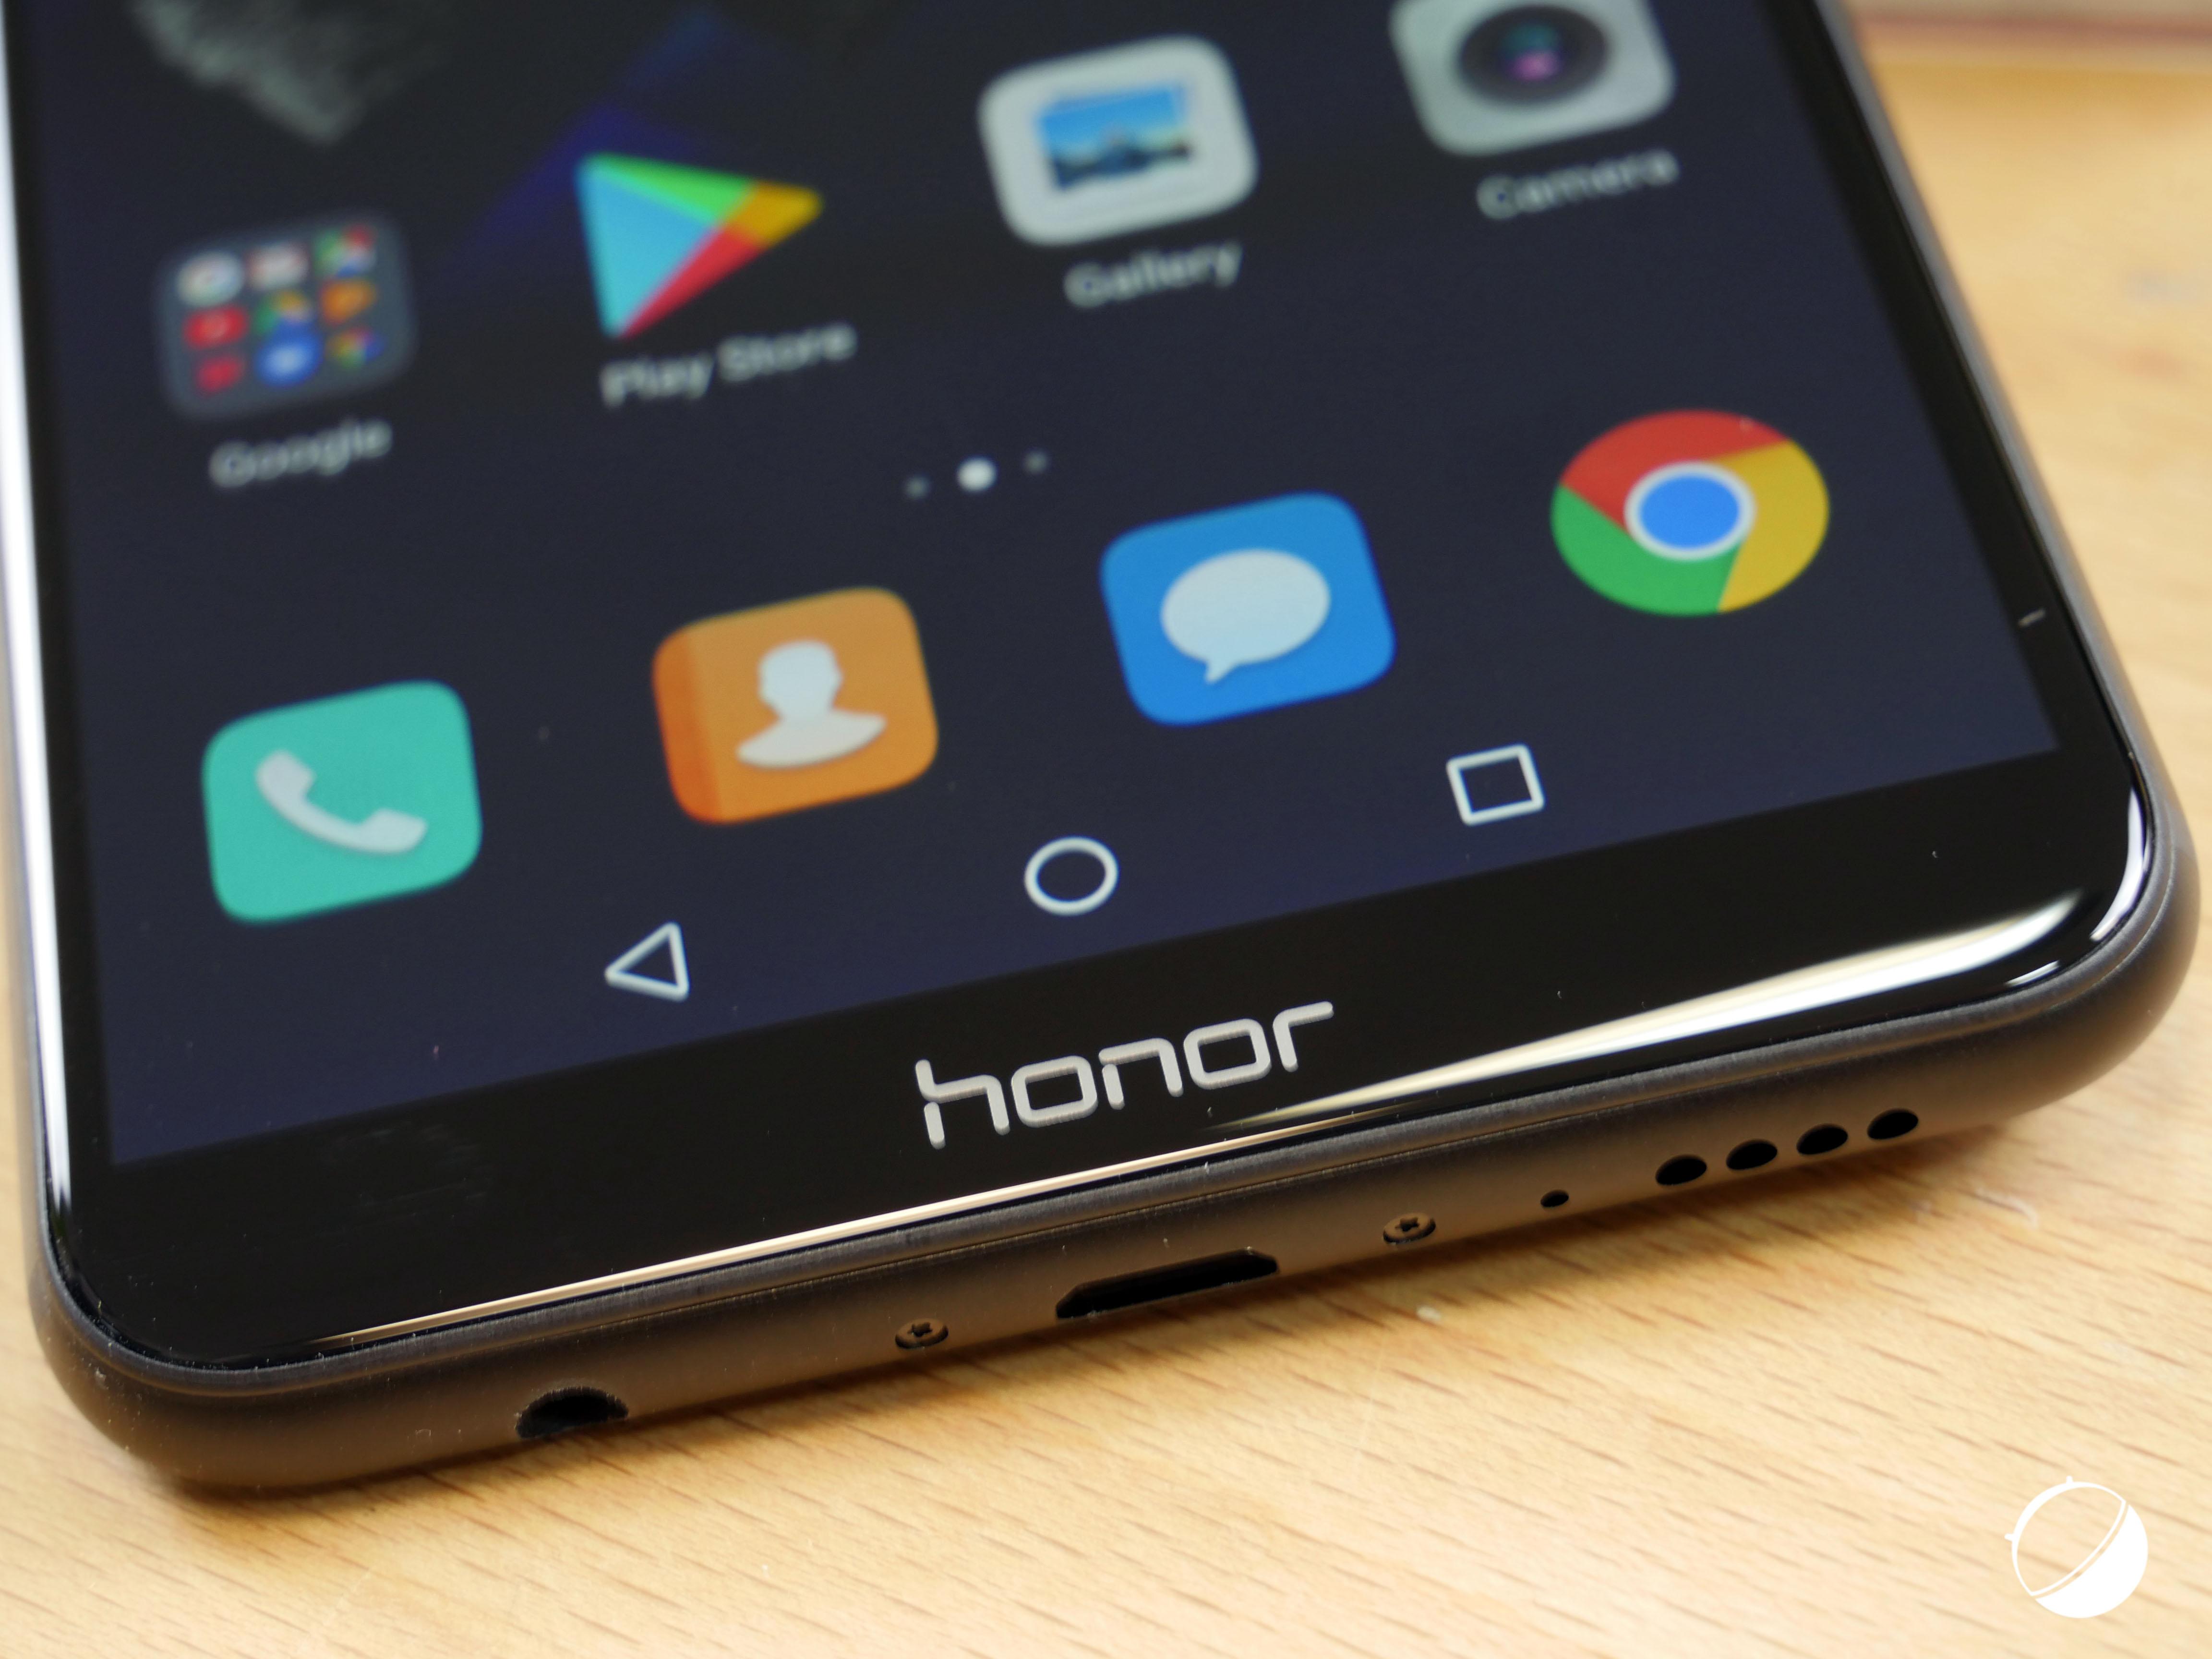 Le honor 8x pr sum se montre en images cran g ant et for Photo ecran honor 7